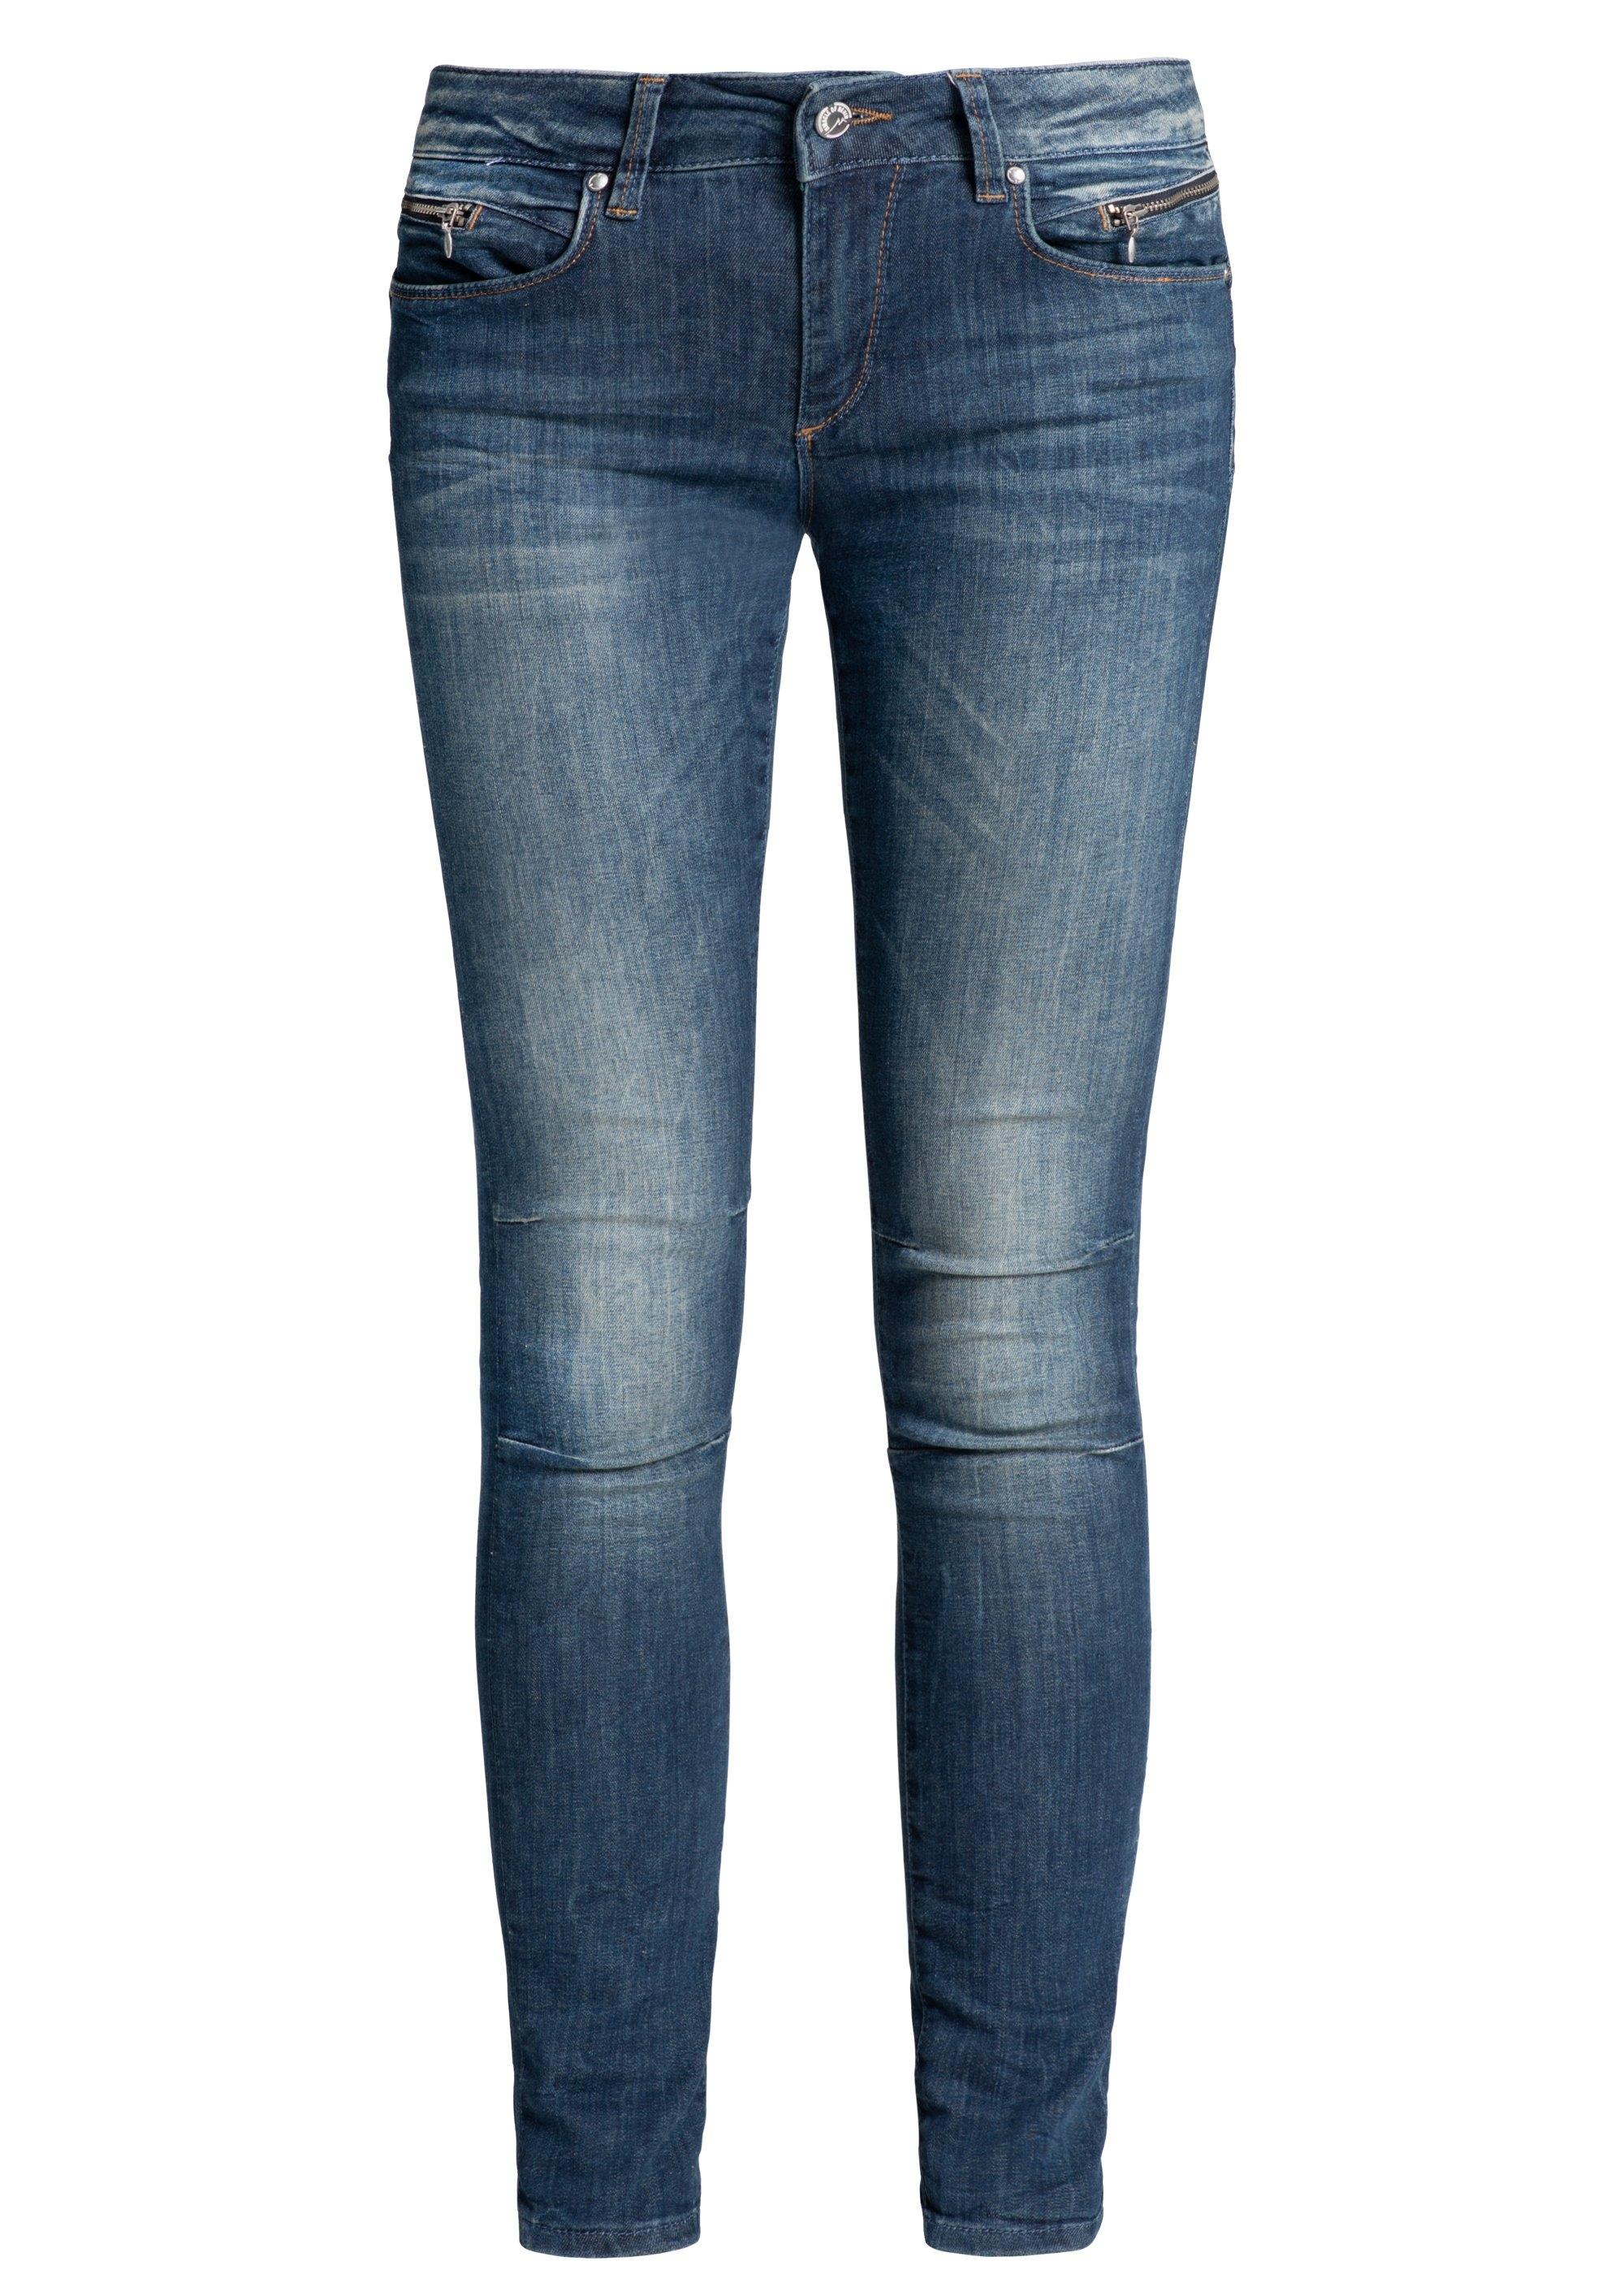 Op zoek naar een Miracle of Denim Skinny fit jeans Eva damesjeans? Koop online bij OTTO